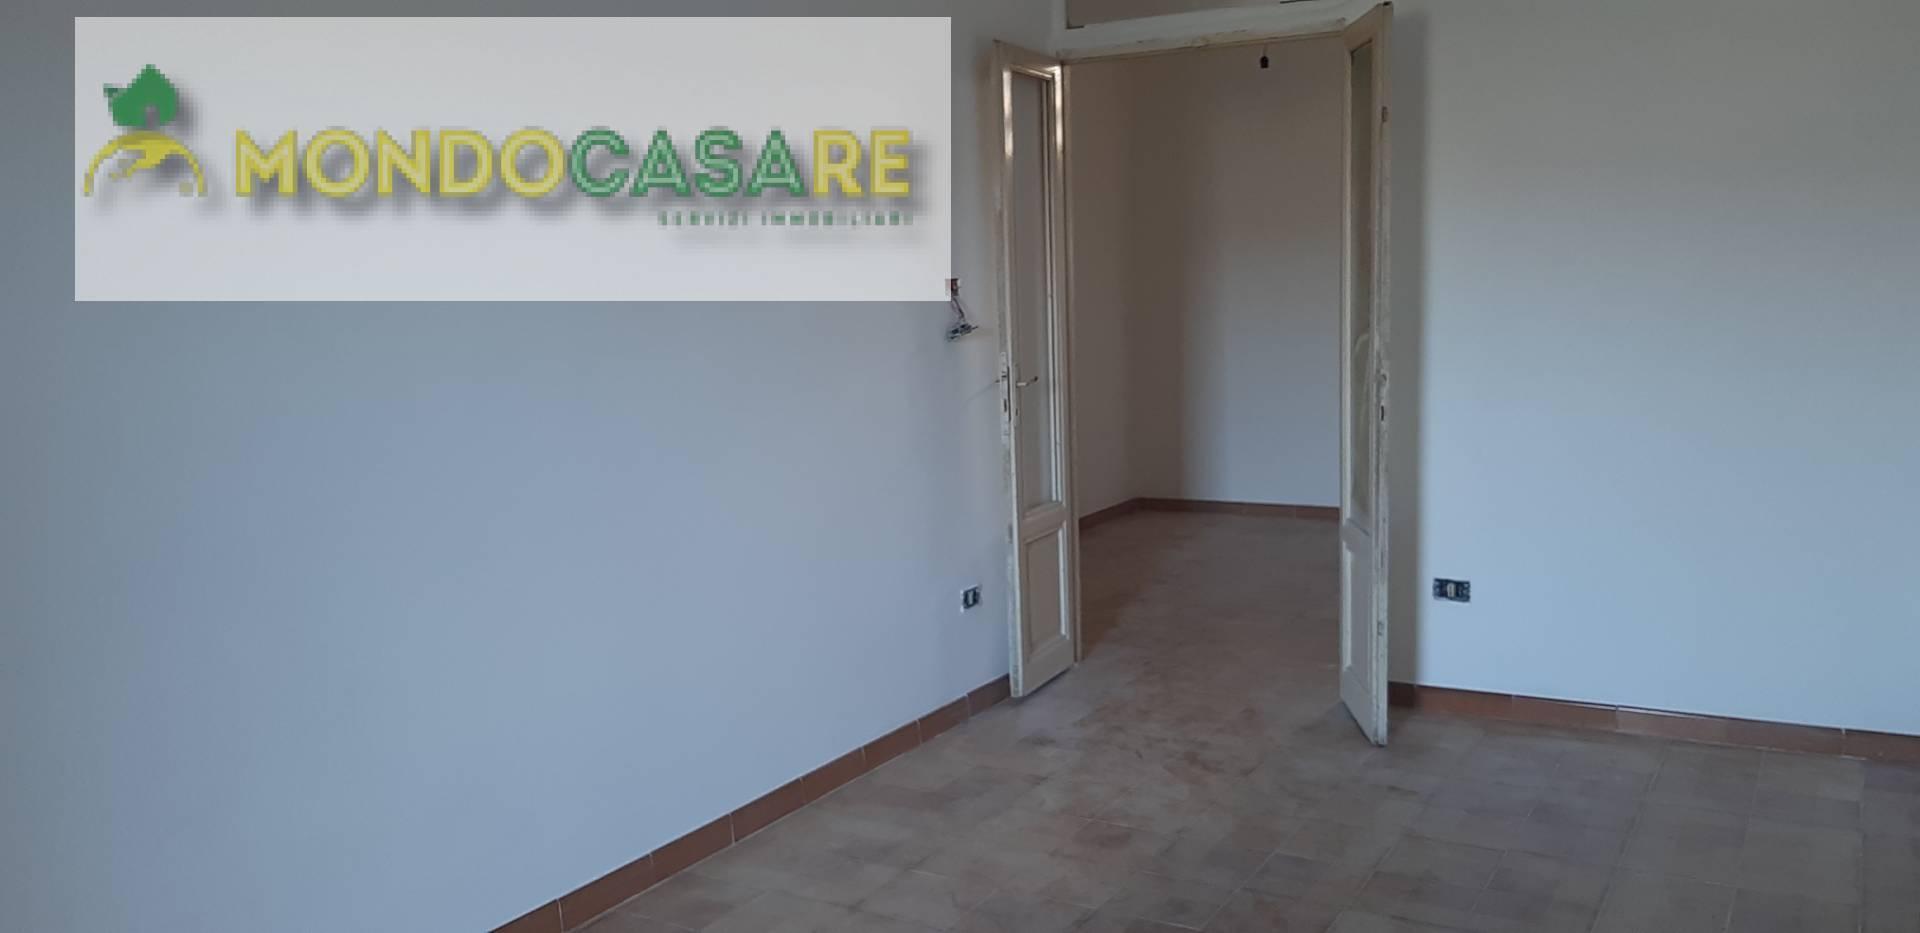 Appartamento in vendita a Palombara Sabina, 2 locali, zona Zona: Cretone, prezzo € 16.000 | CambioCasa.it